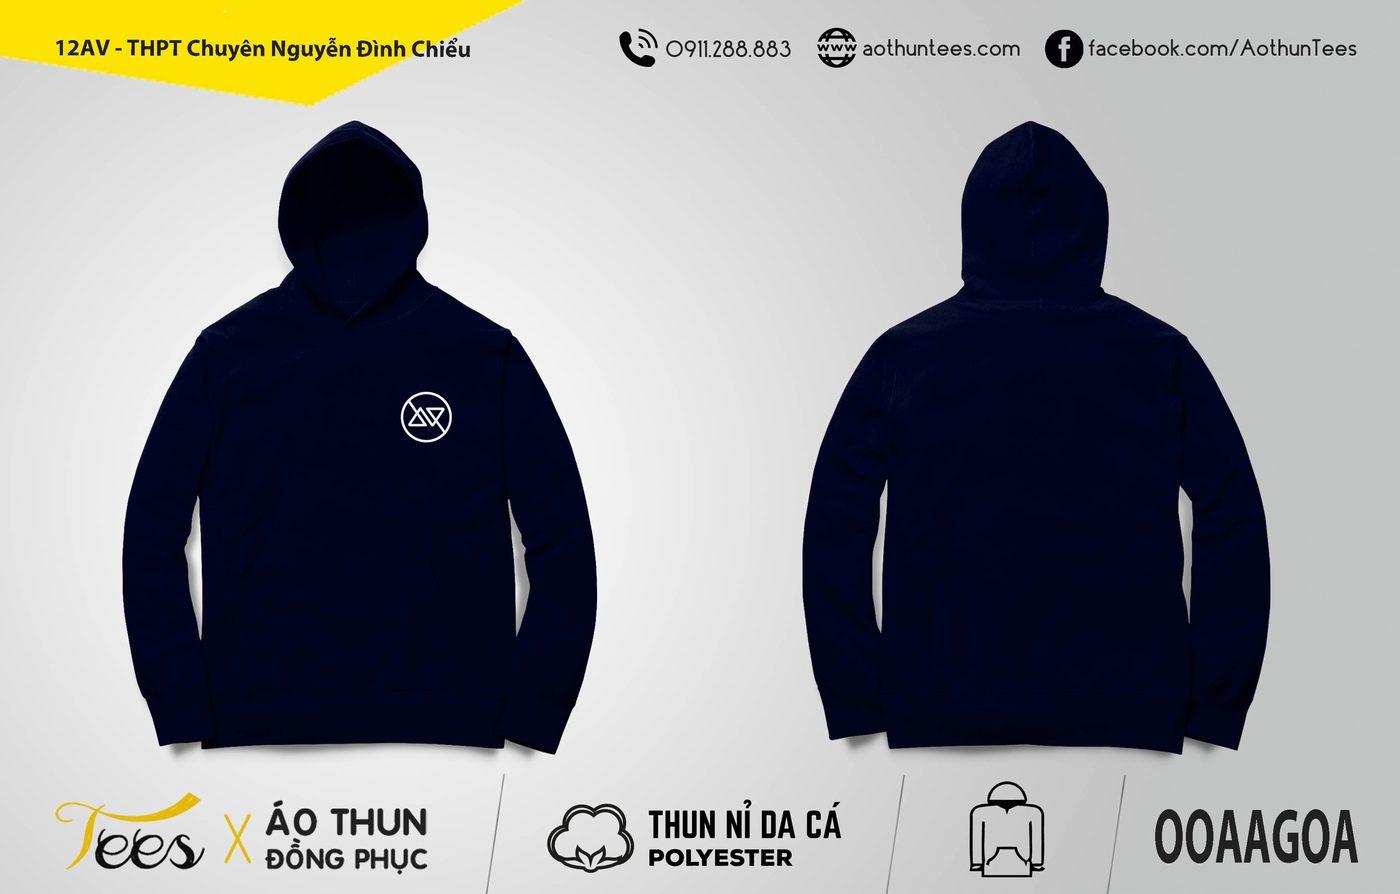 Áo hoodie đồng phục lớp 12AV – THPT Chuyên Nguyễn Đình Chiểu